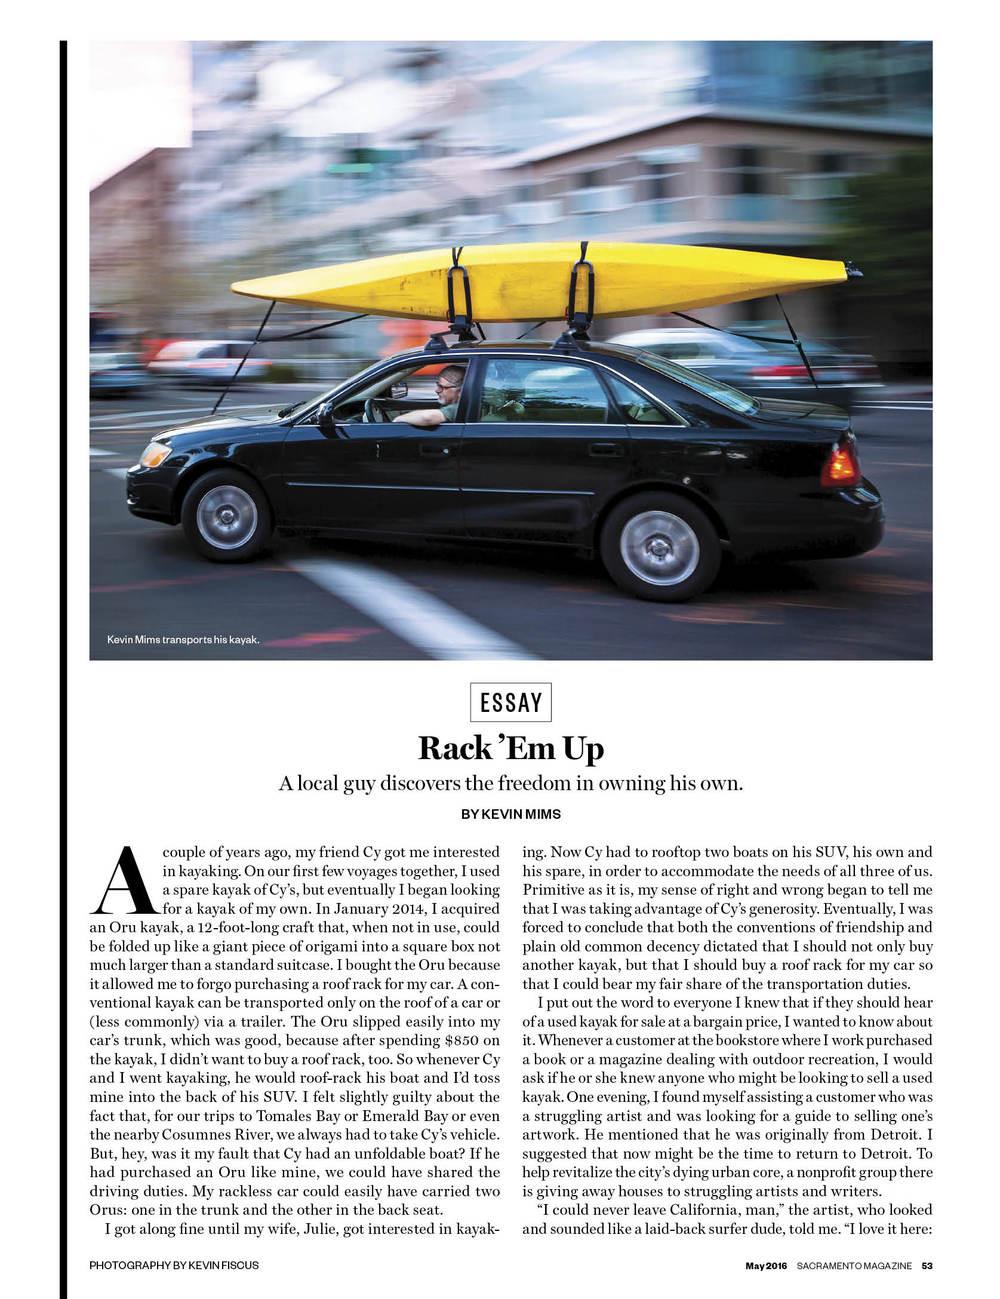 Kayak sac mag layout.jpg